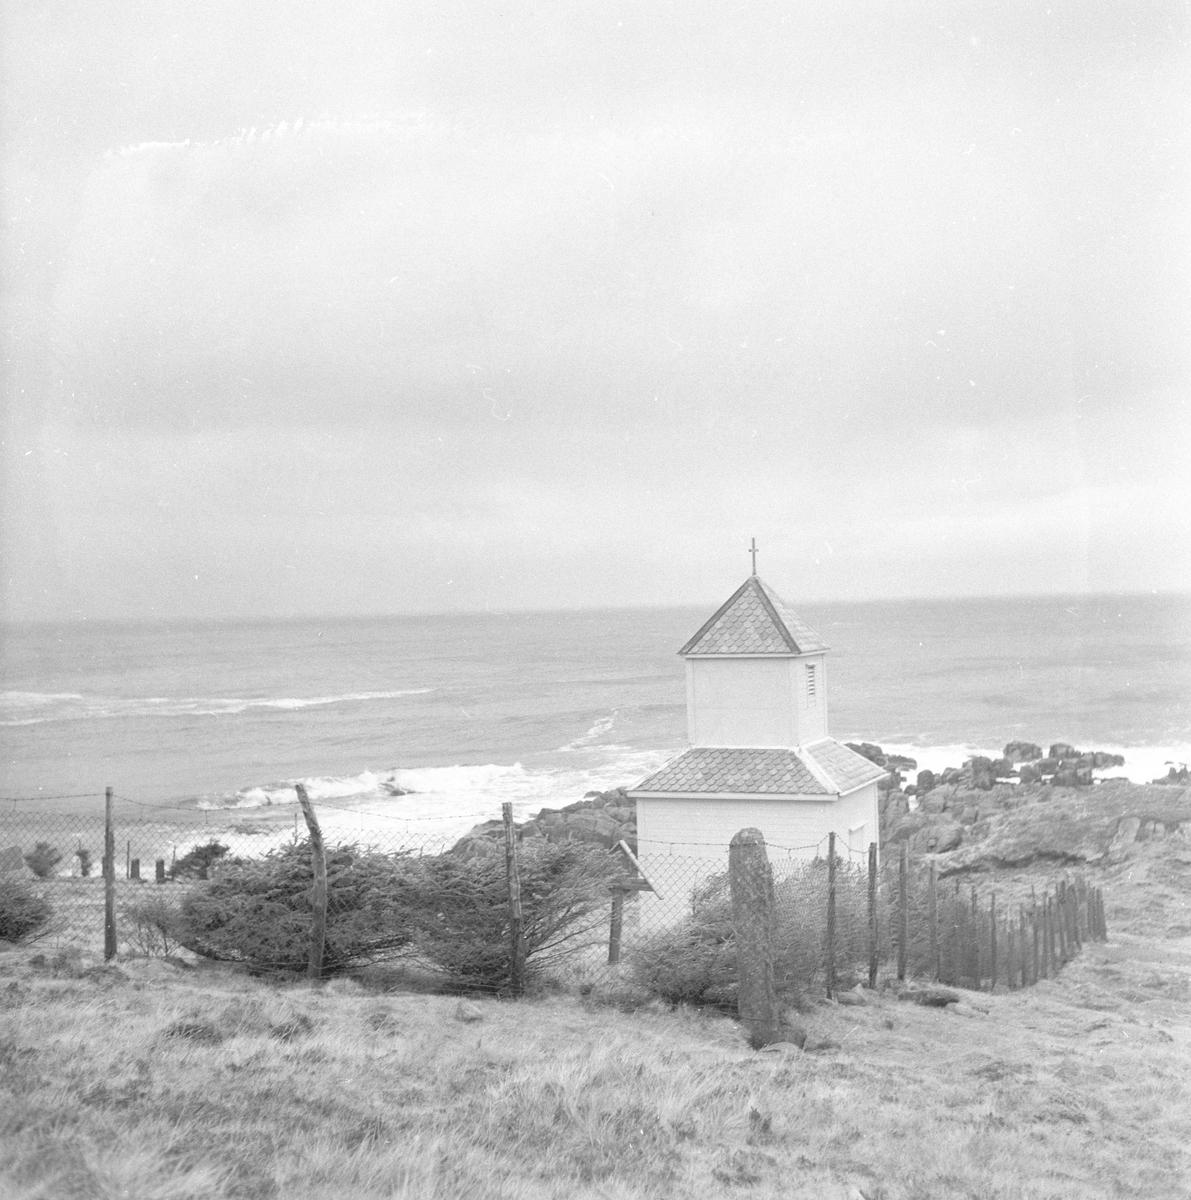 Pigghåfiske på Shetland.Shetland, 14-22. mai 1958,kirken og landskapet rundt.